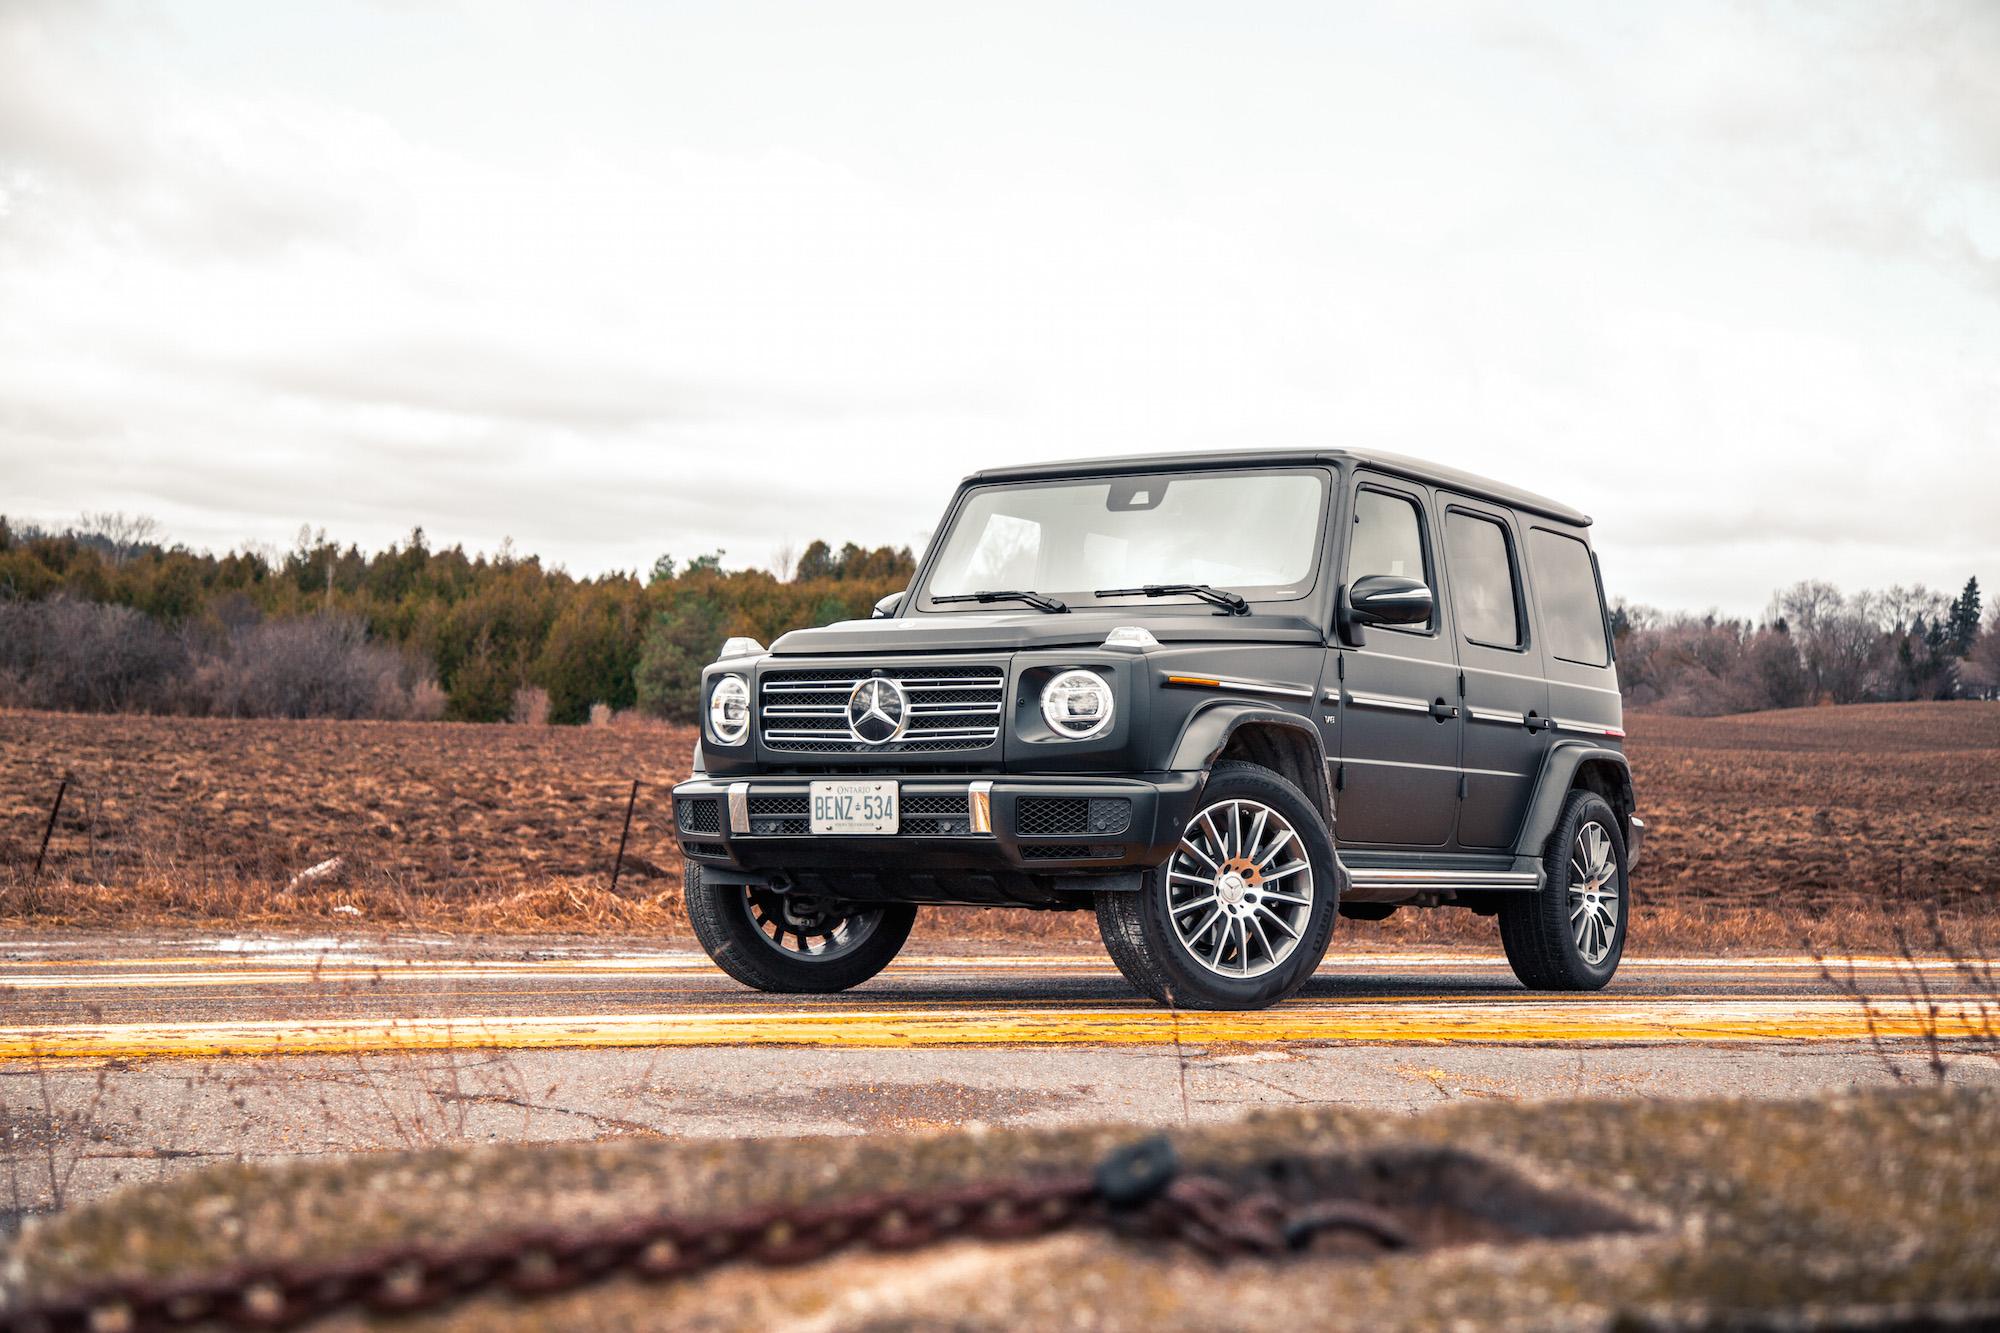 2019 Mercedes-Benz G-Wagen: Redesign, Changes, Release >> 2019 Mercedes Benz G Wagen Redesign Changes Release Upcoming